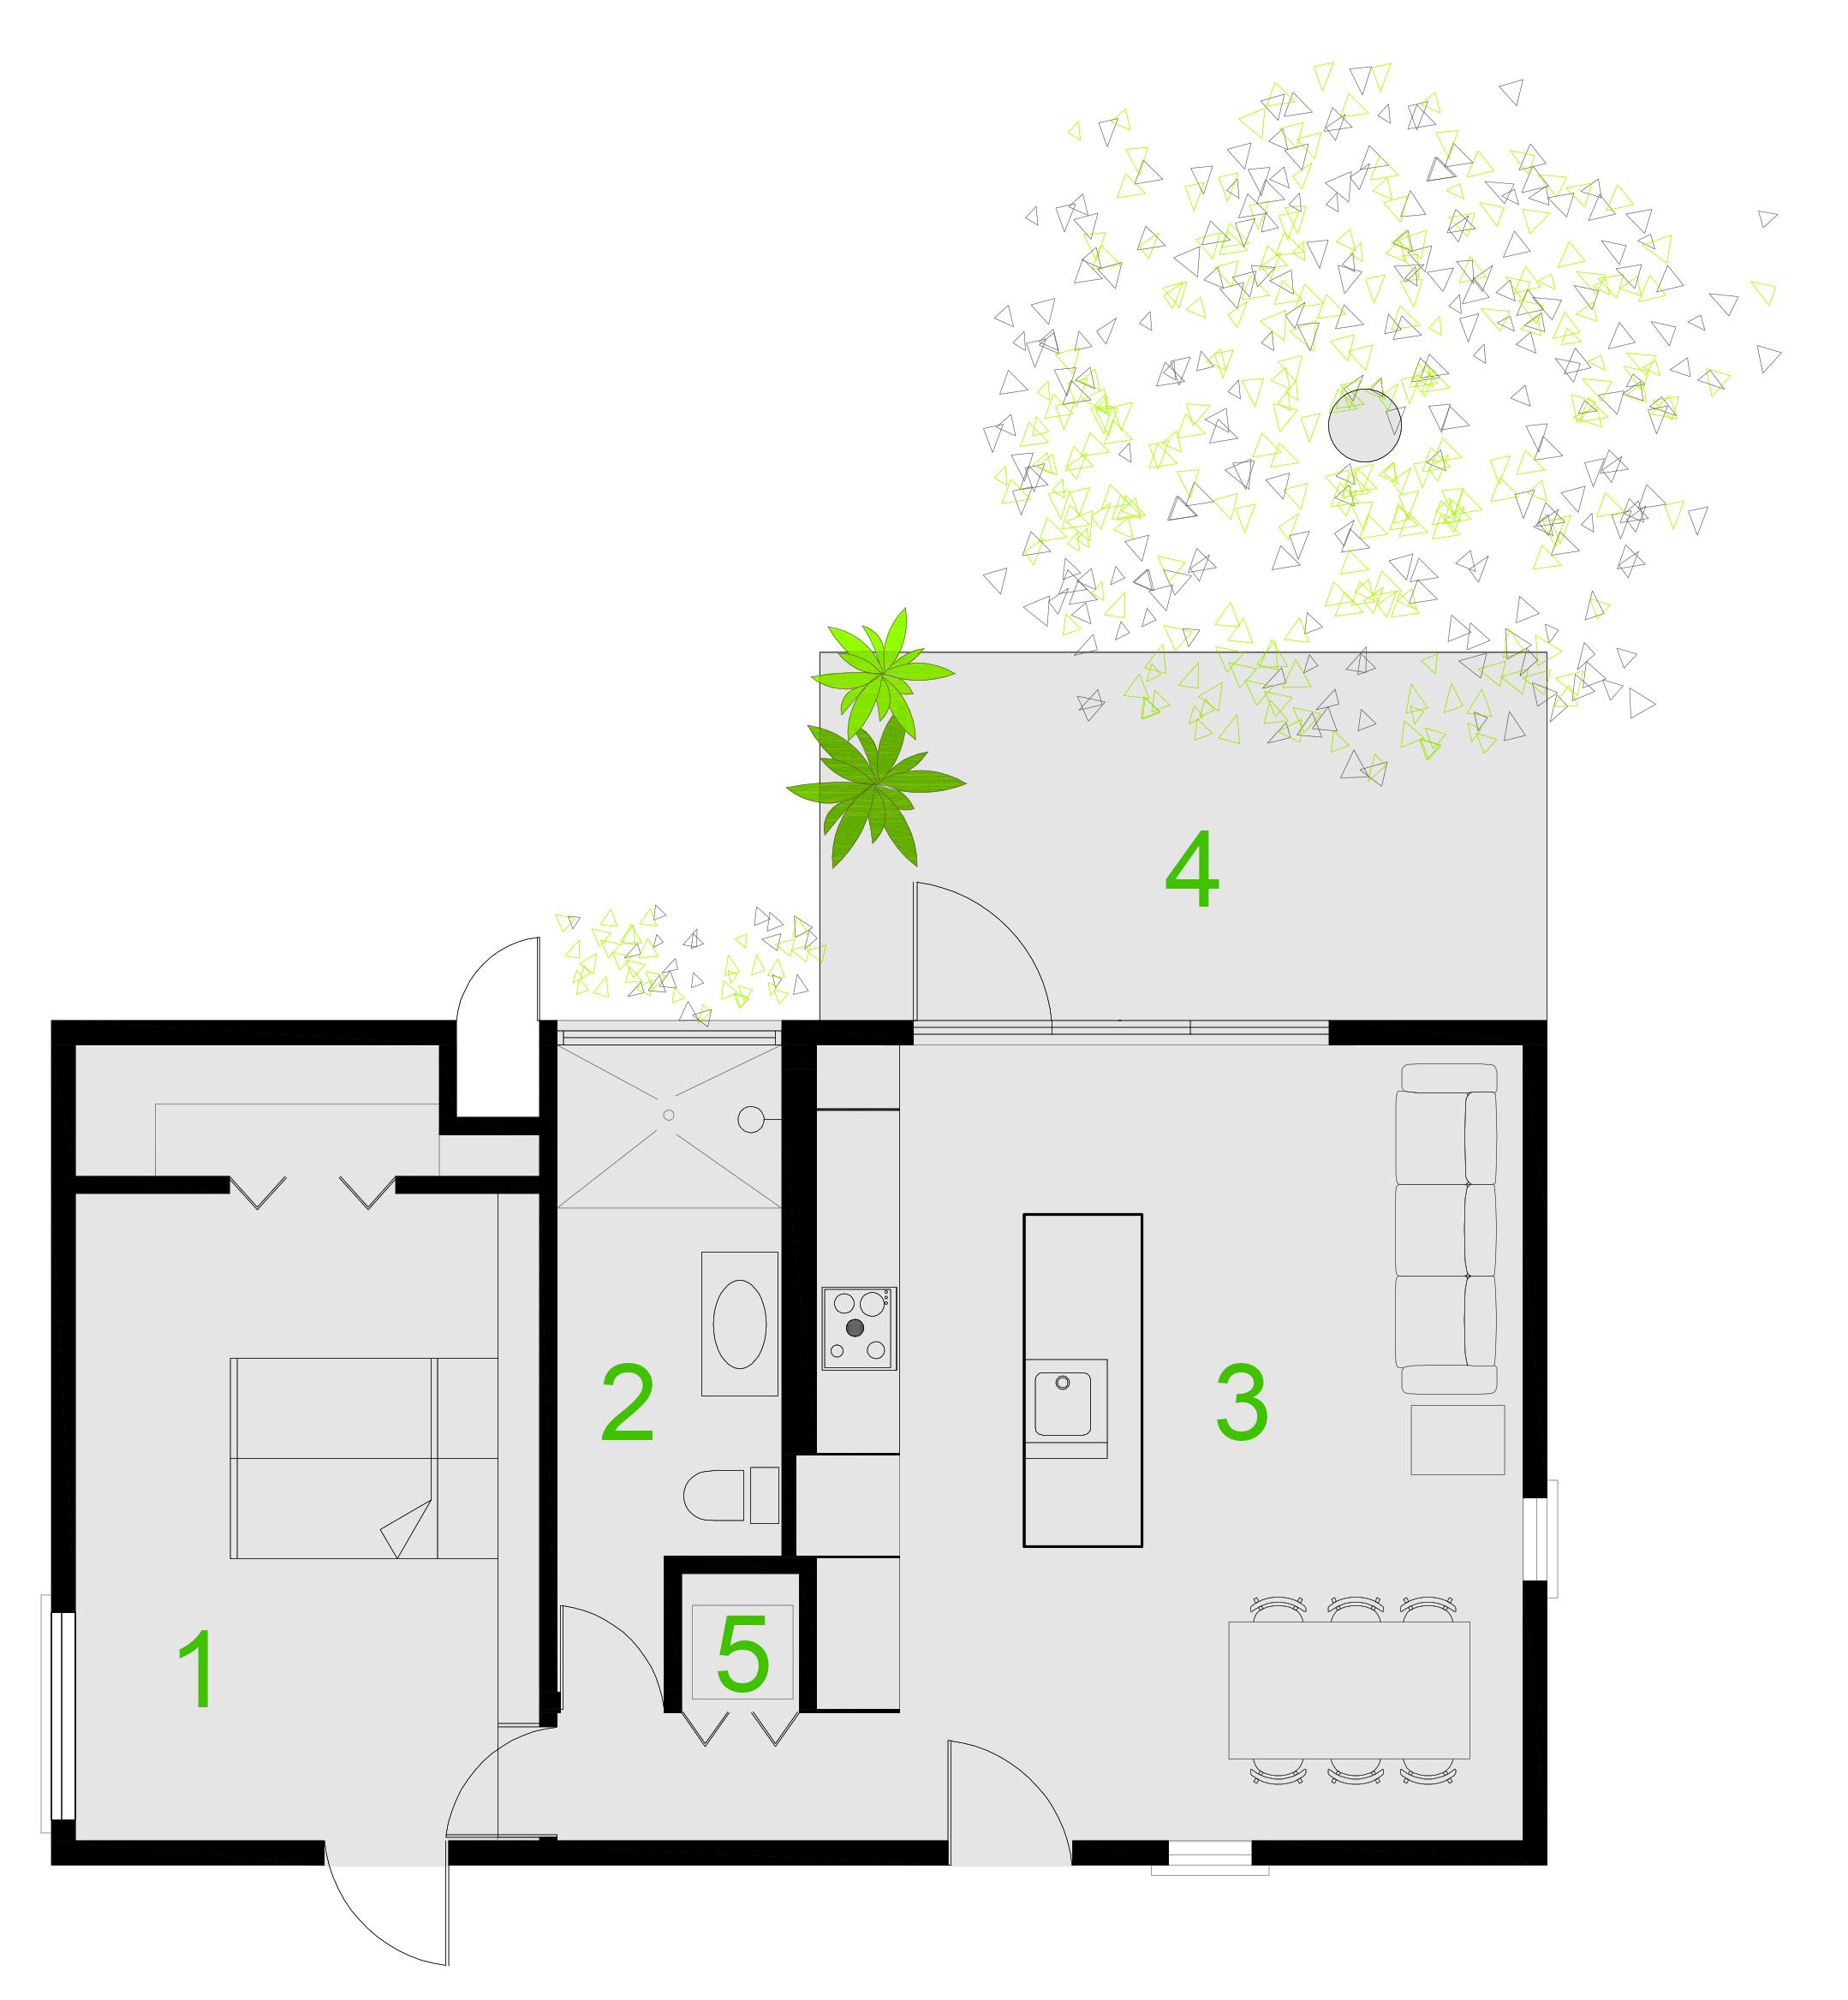 1- BEDROOM . 2- BATHROOM . 3- LIVINGROOM - KITCHEN  4- EXTERIOR DECK . 5- STACKABLE WASHER AND DRYER